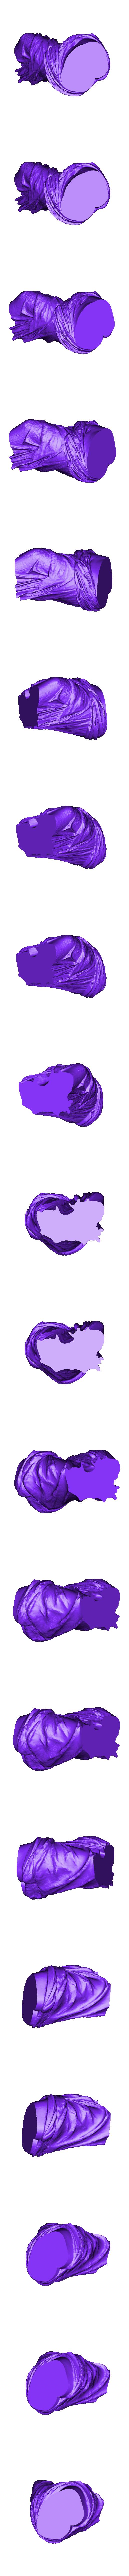 20131013_Venus2.stl Télécharger fichier OBJ gratuit Vénus de Milo • Modèle imprimable en 3D, Ghashgar